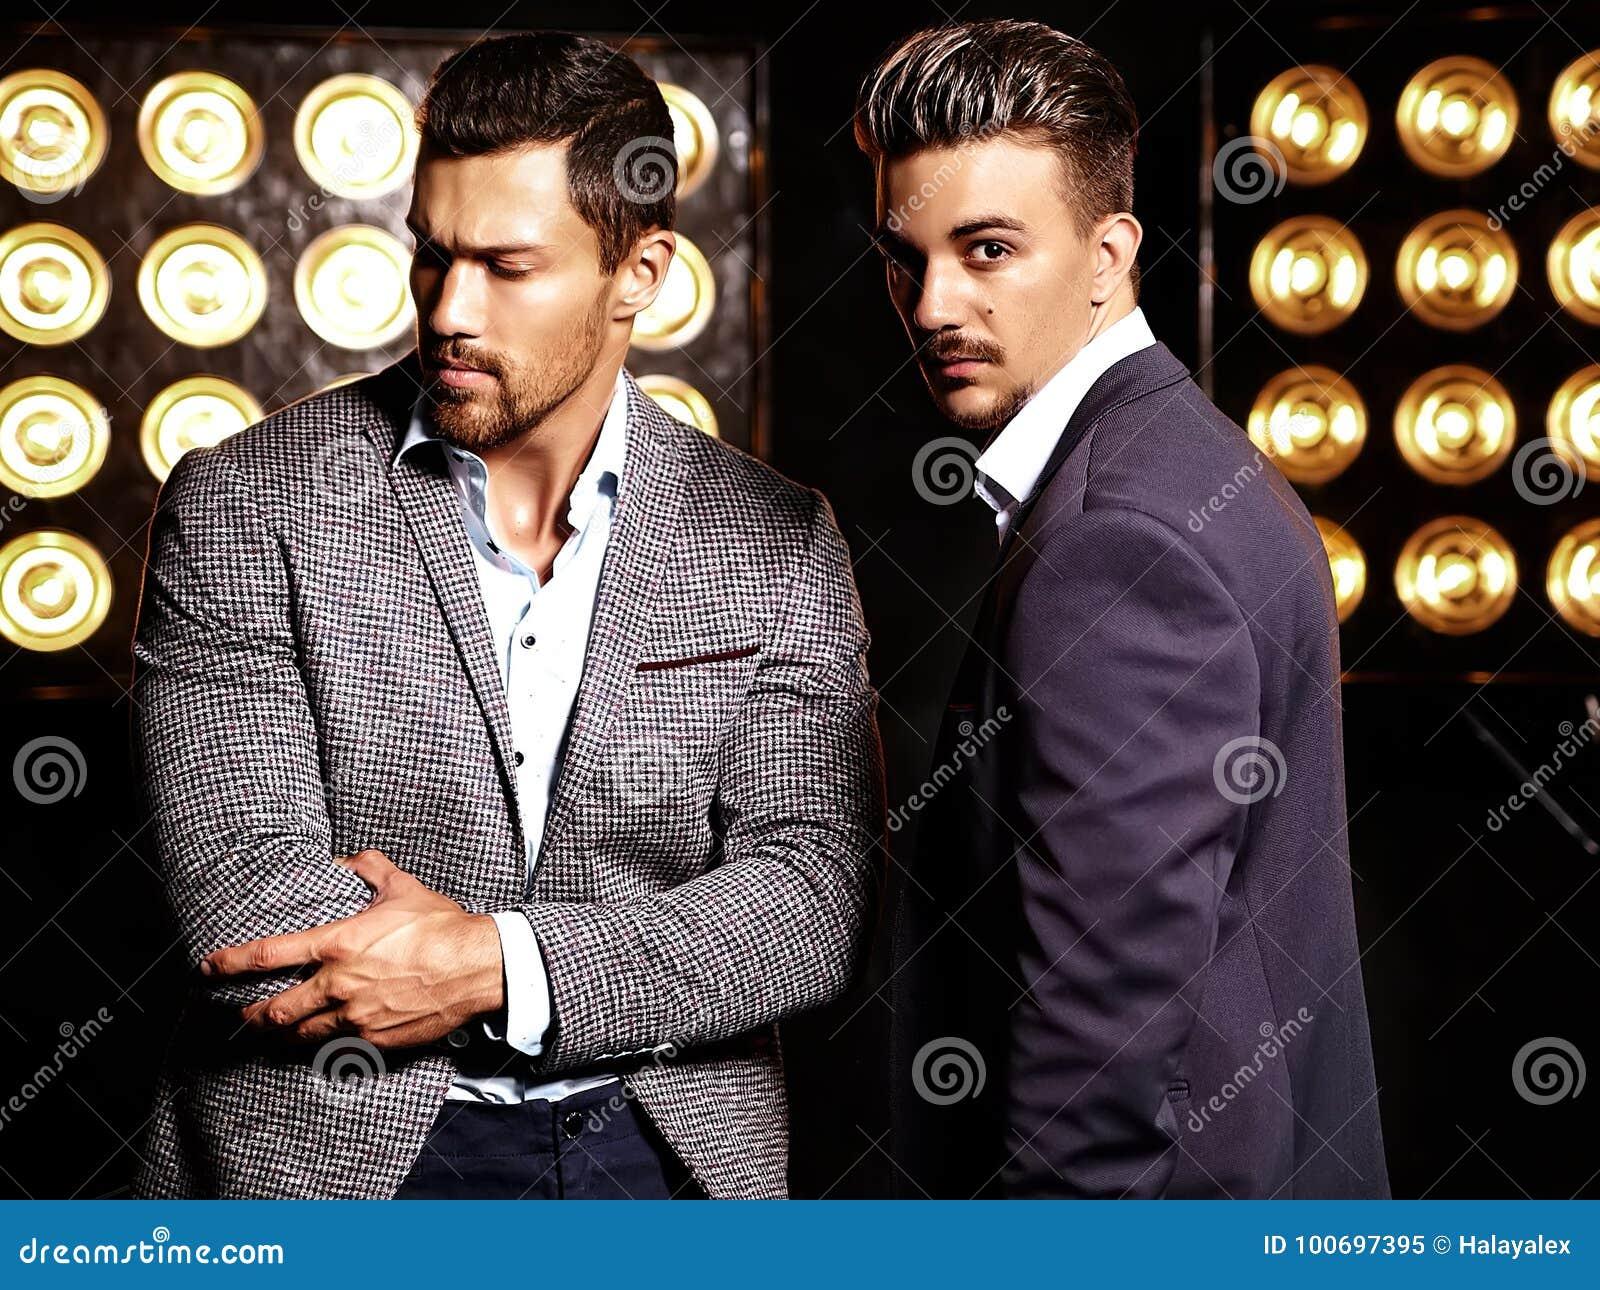 Сексуальный красивый мужчина моды 2 моделирует людей одетых в элегантных костюмах